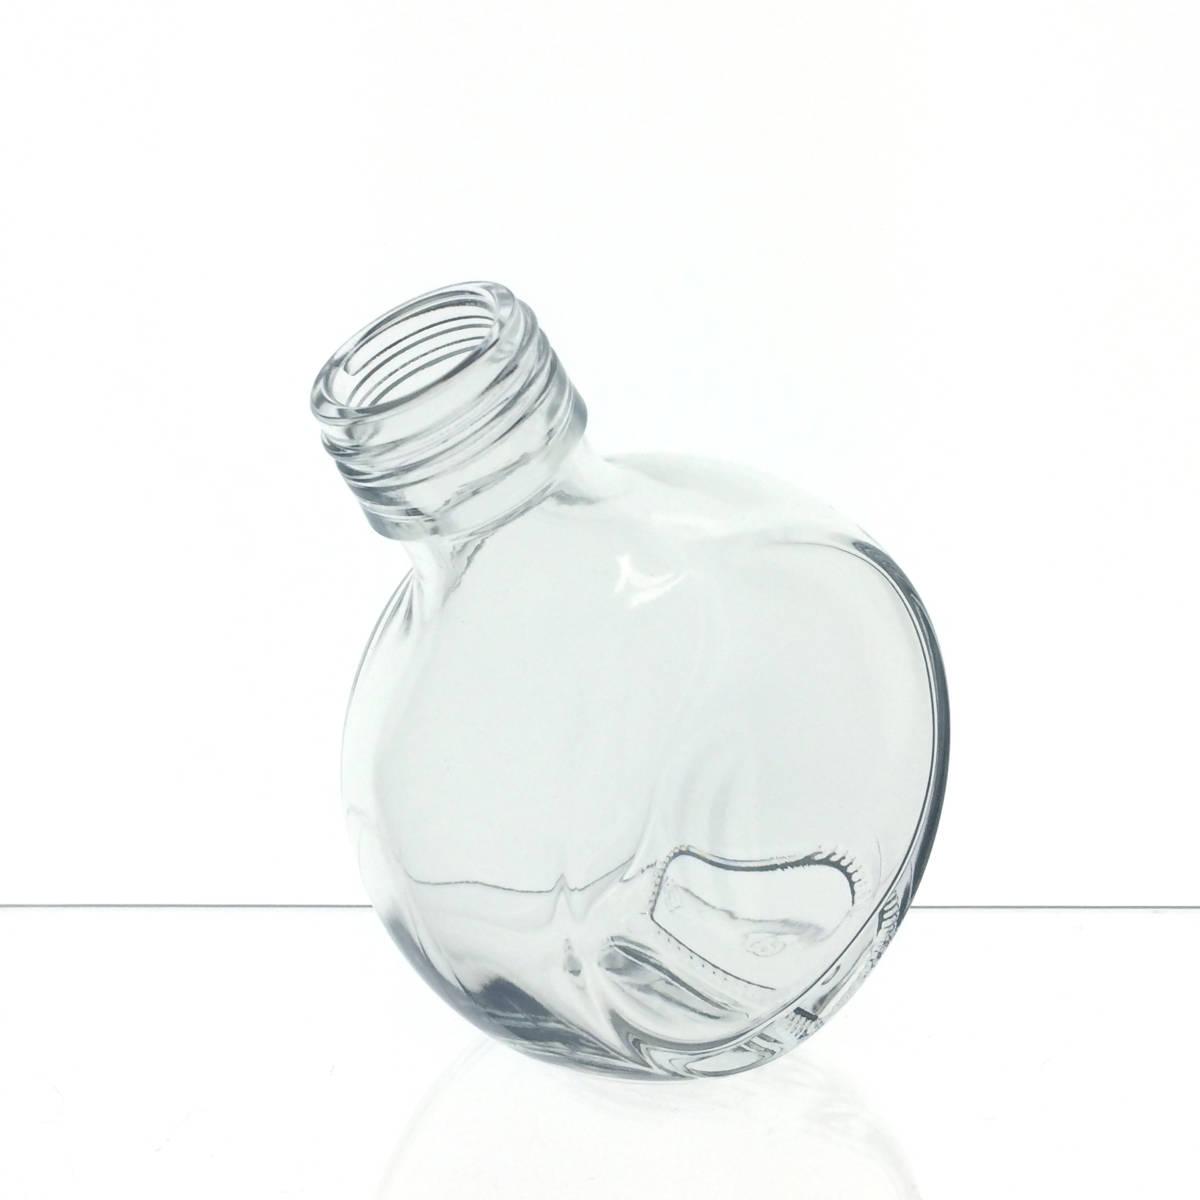 ハーバリウム瓶 ねこ平150ml 5本_画像2